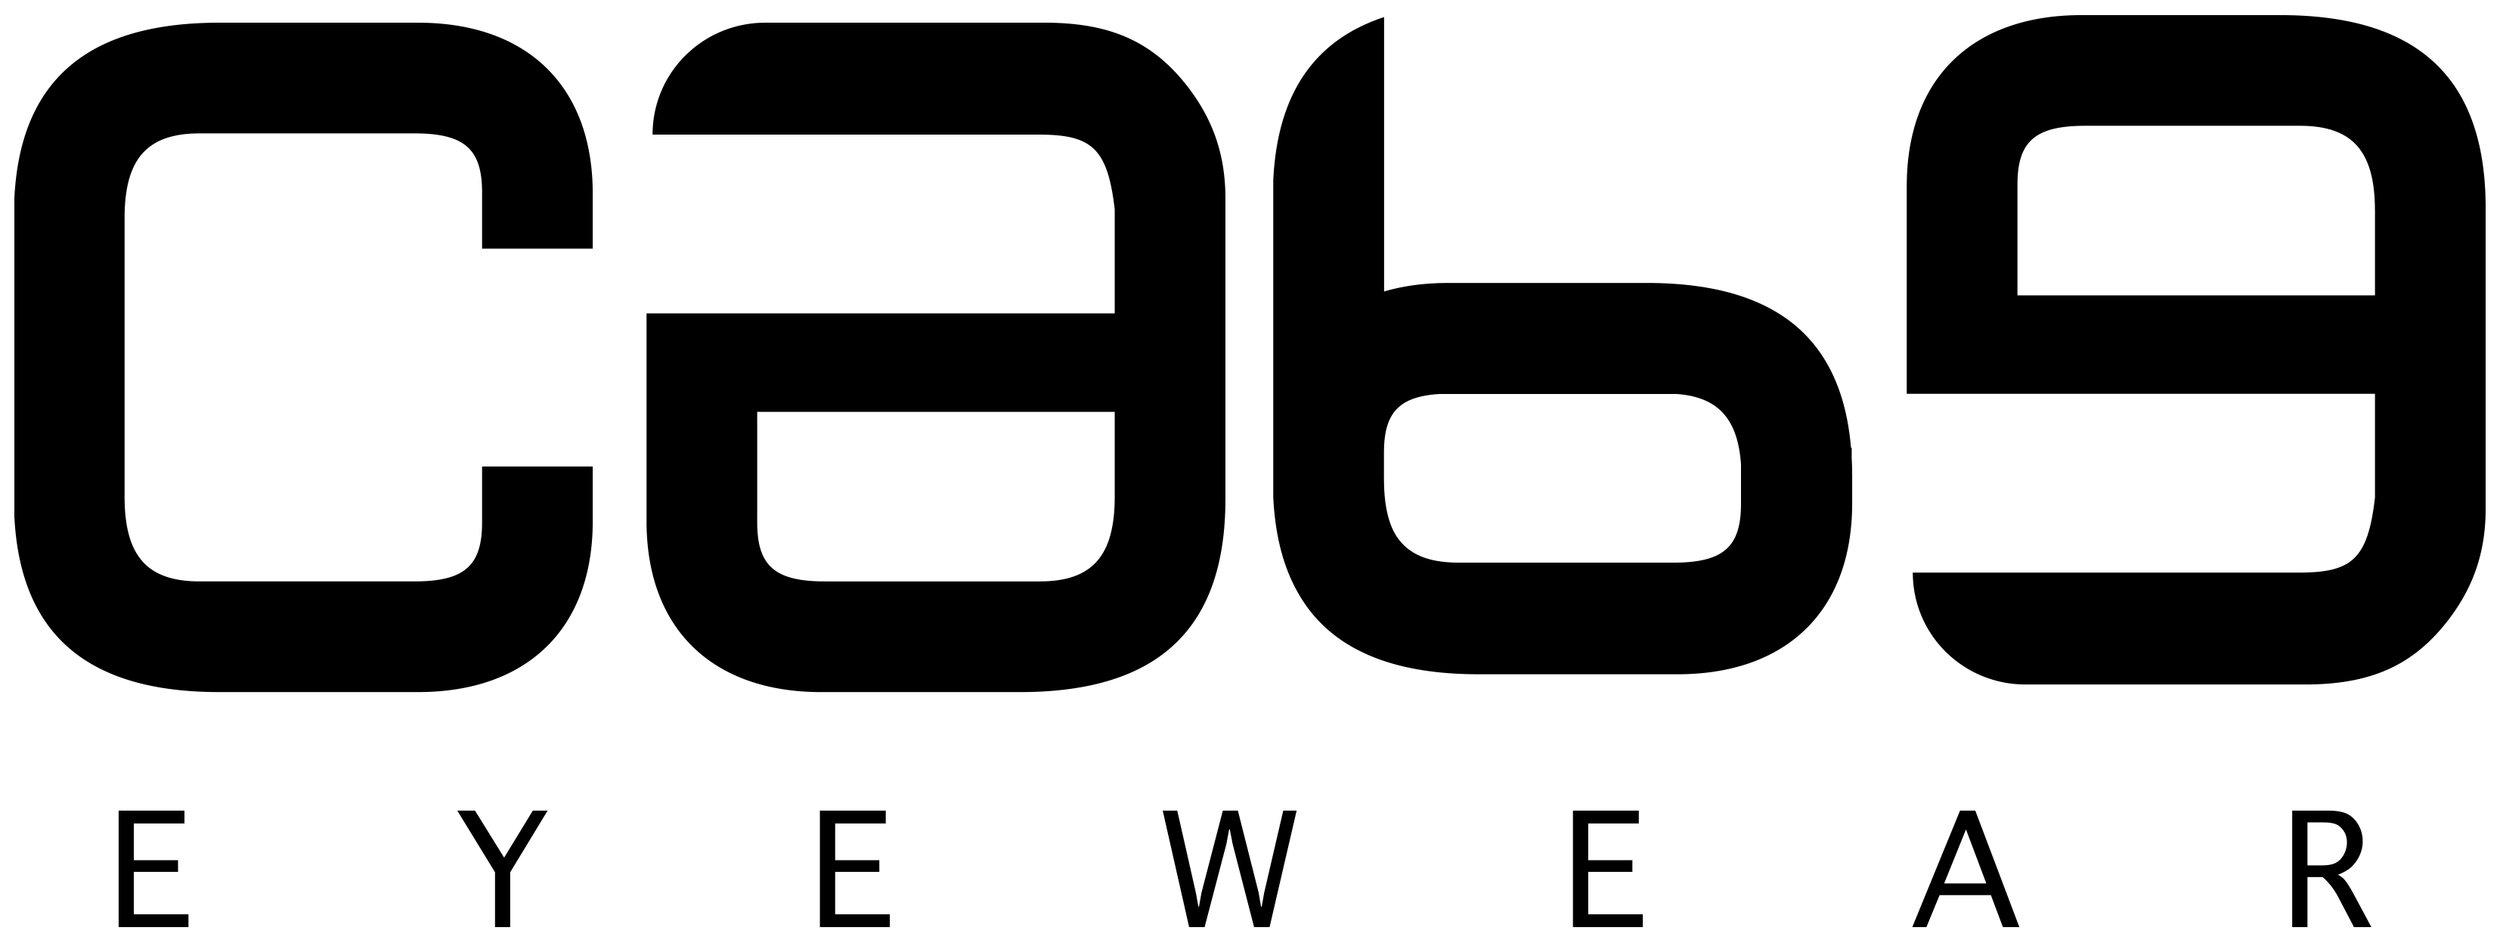 CAB9_Eyewear logo_space reduction.jpg